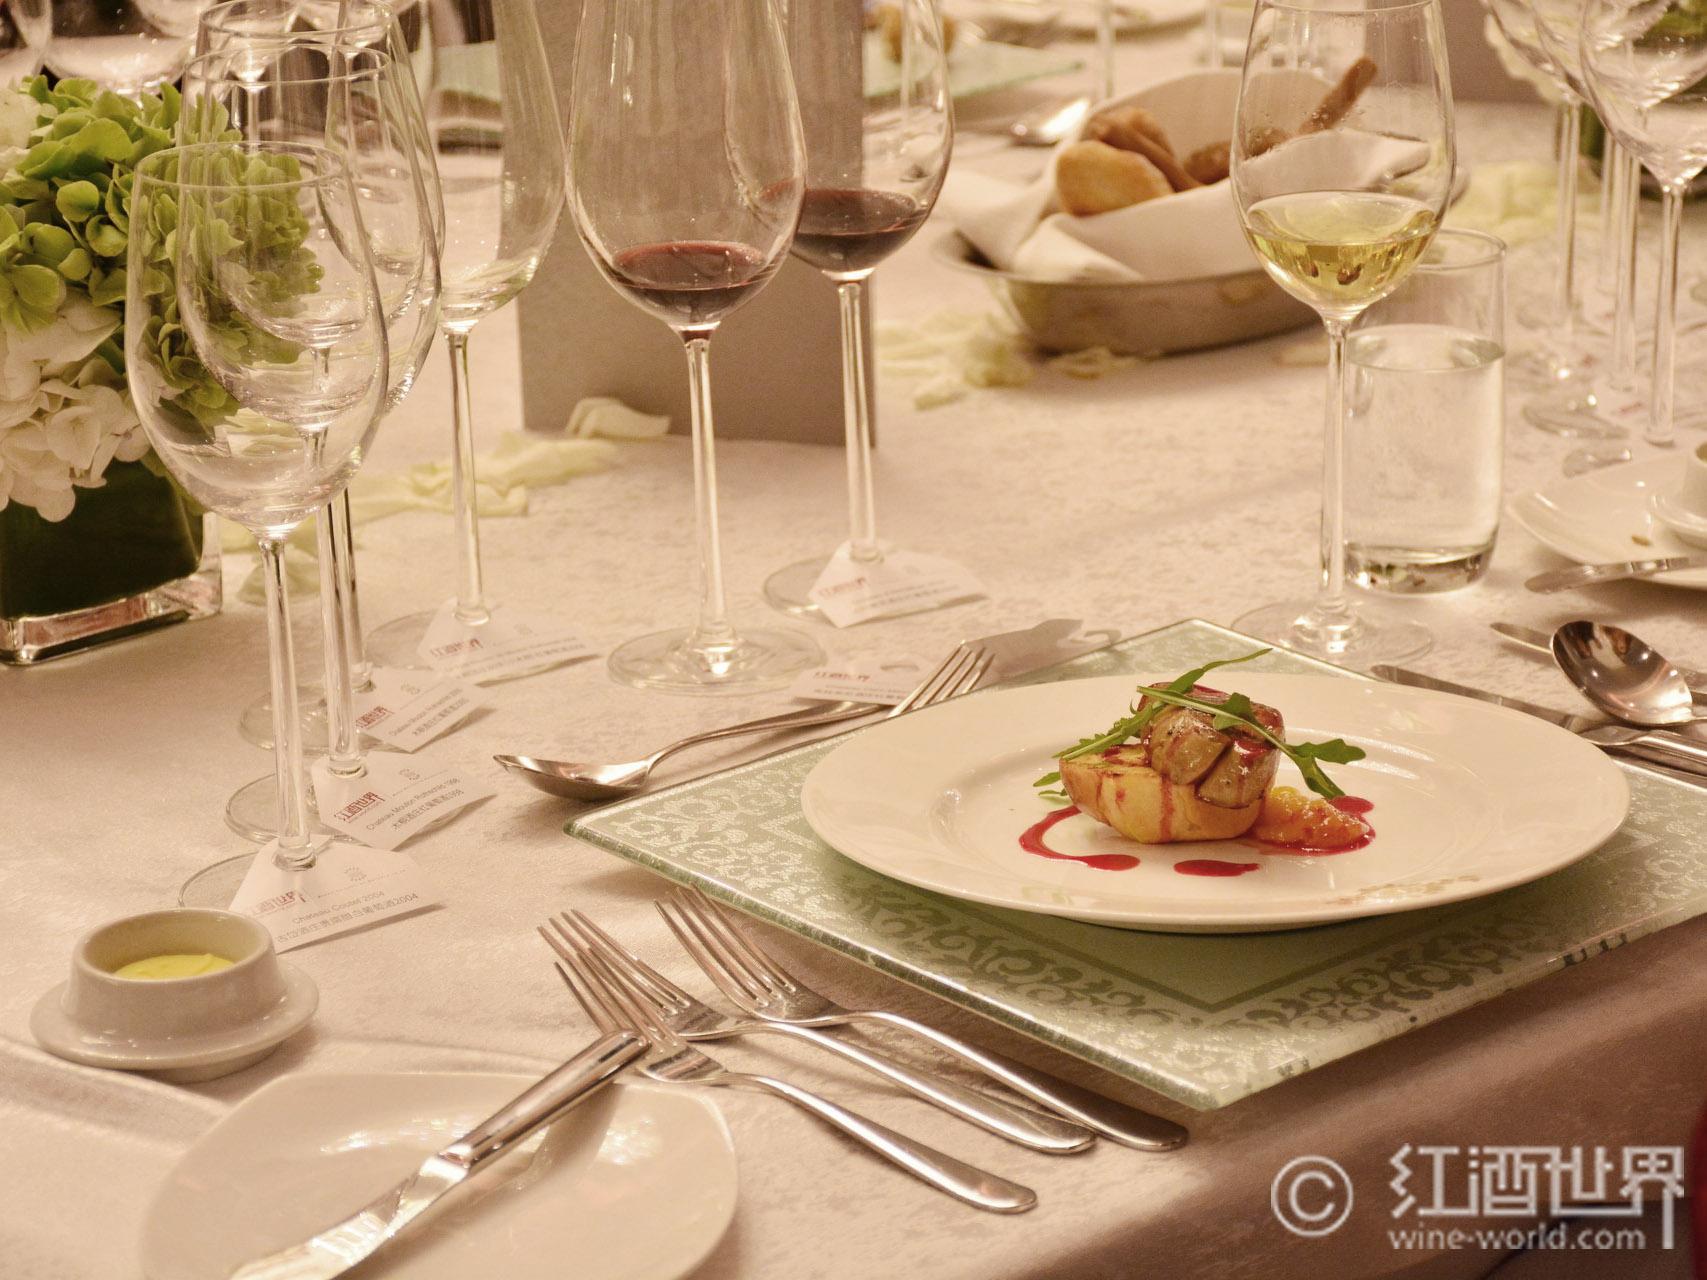 葡萄酒礼仪之配餐